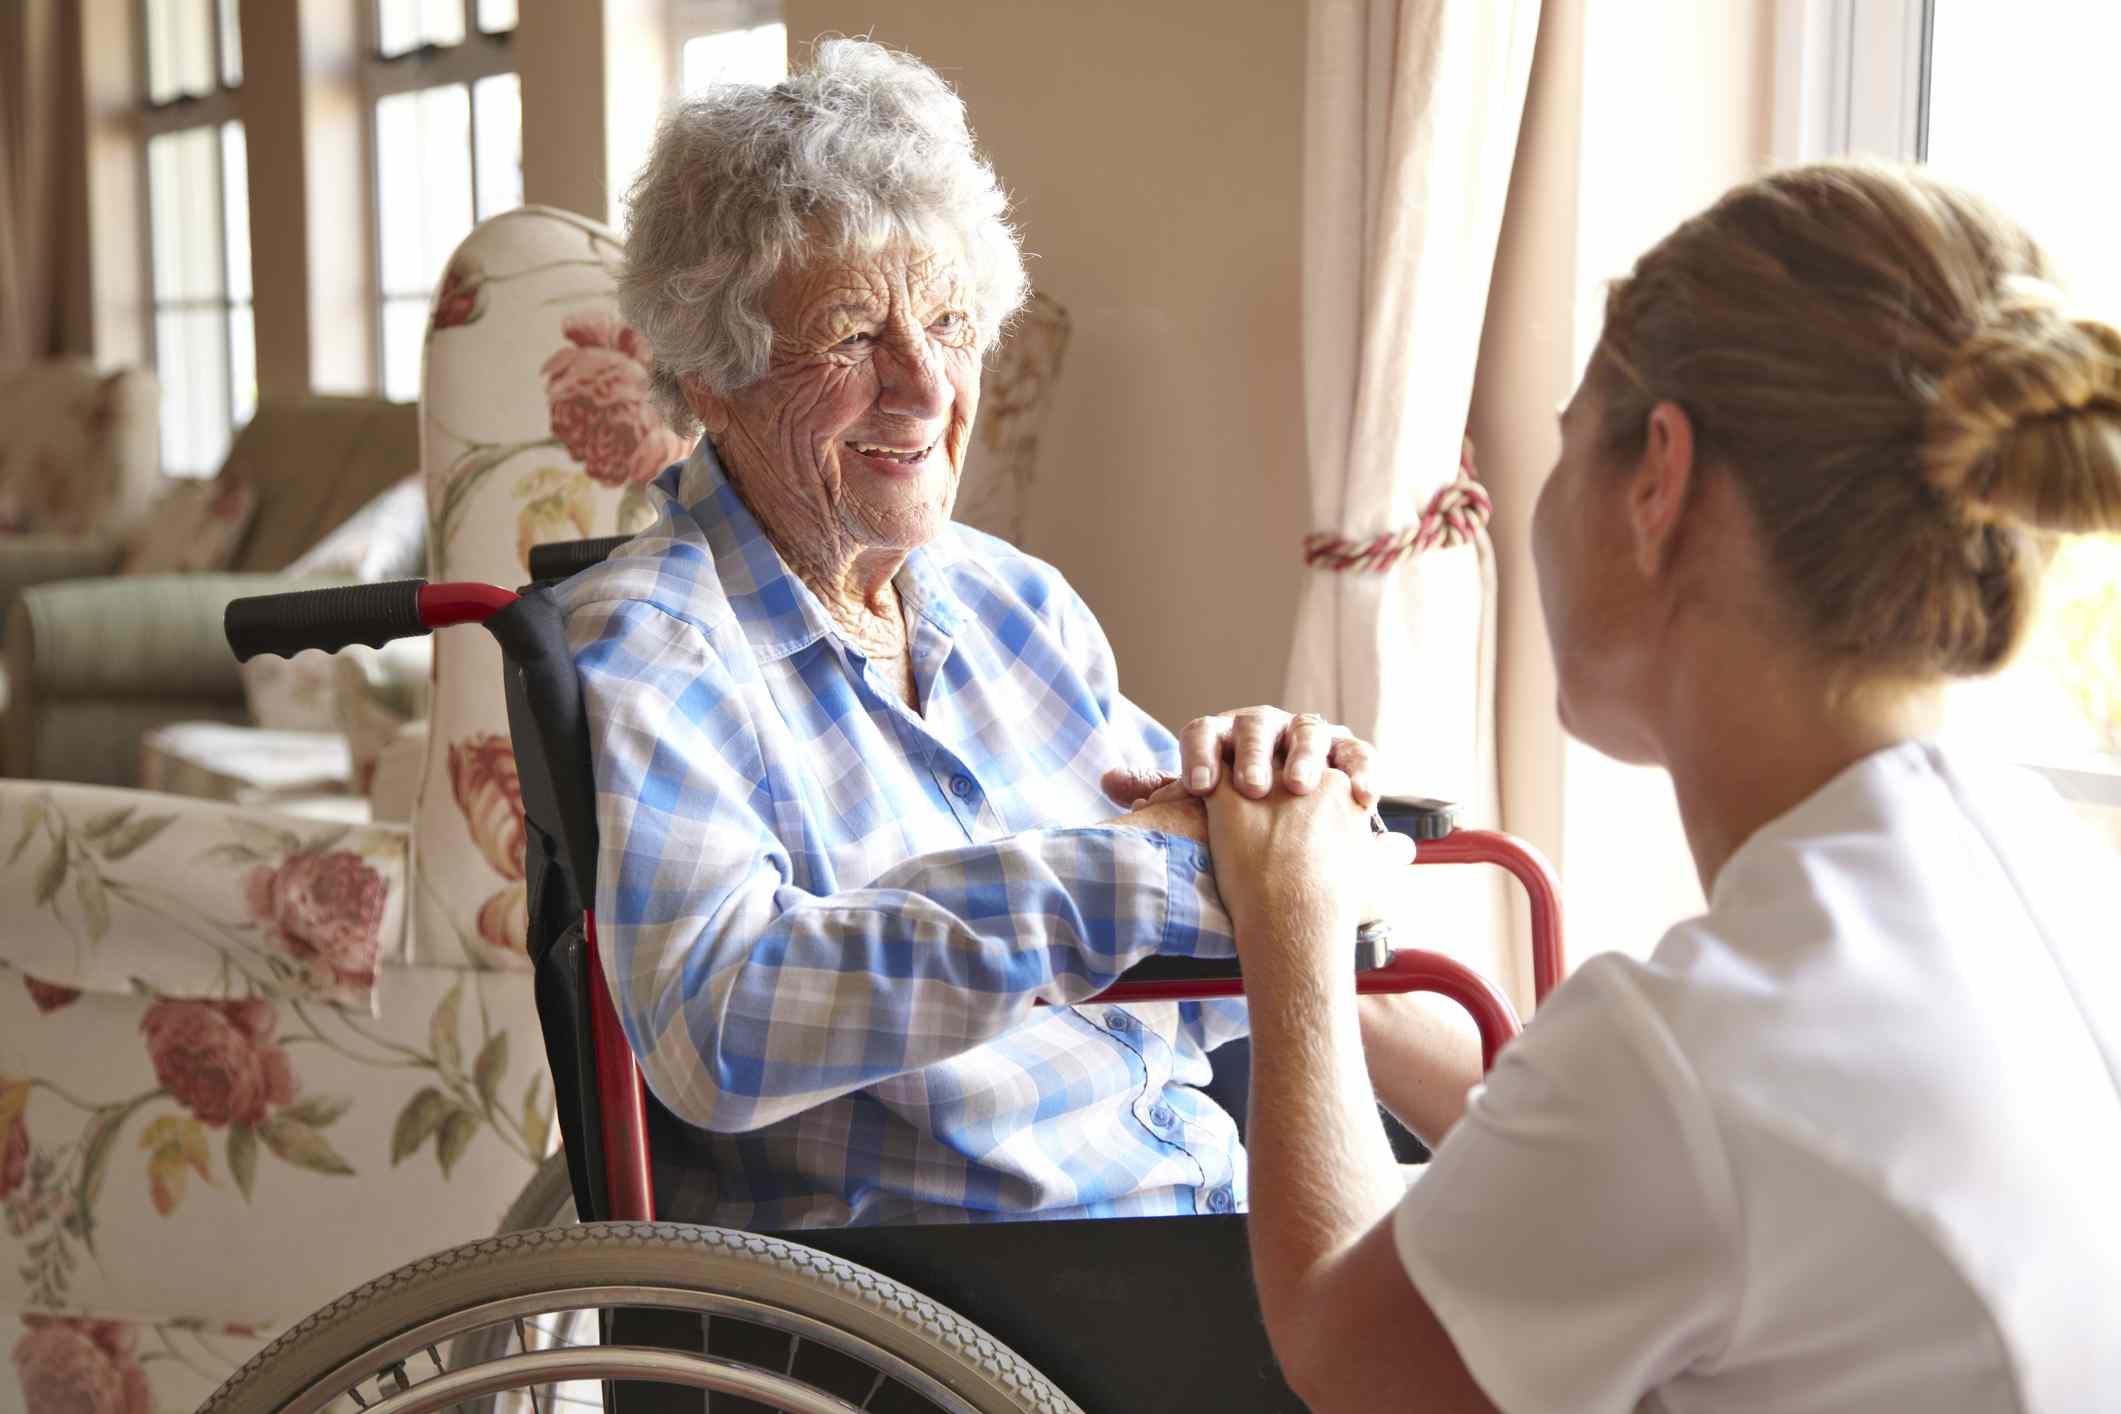 An elderly woman talking to her nurse